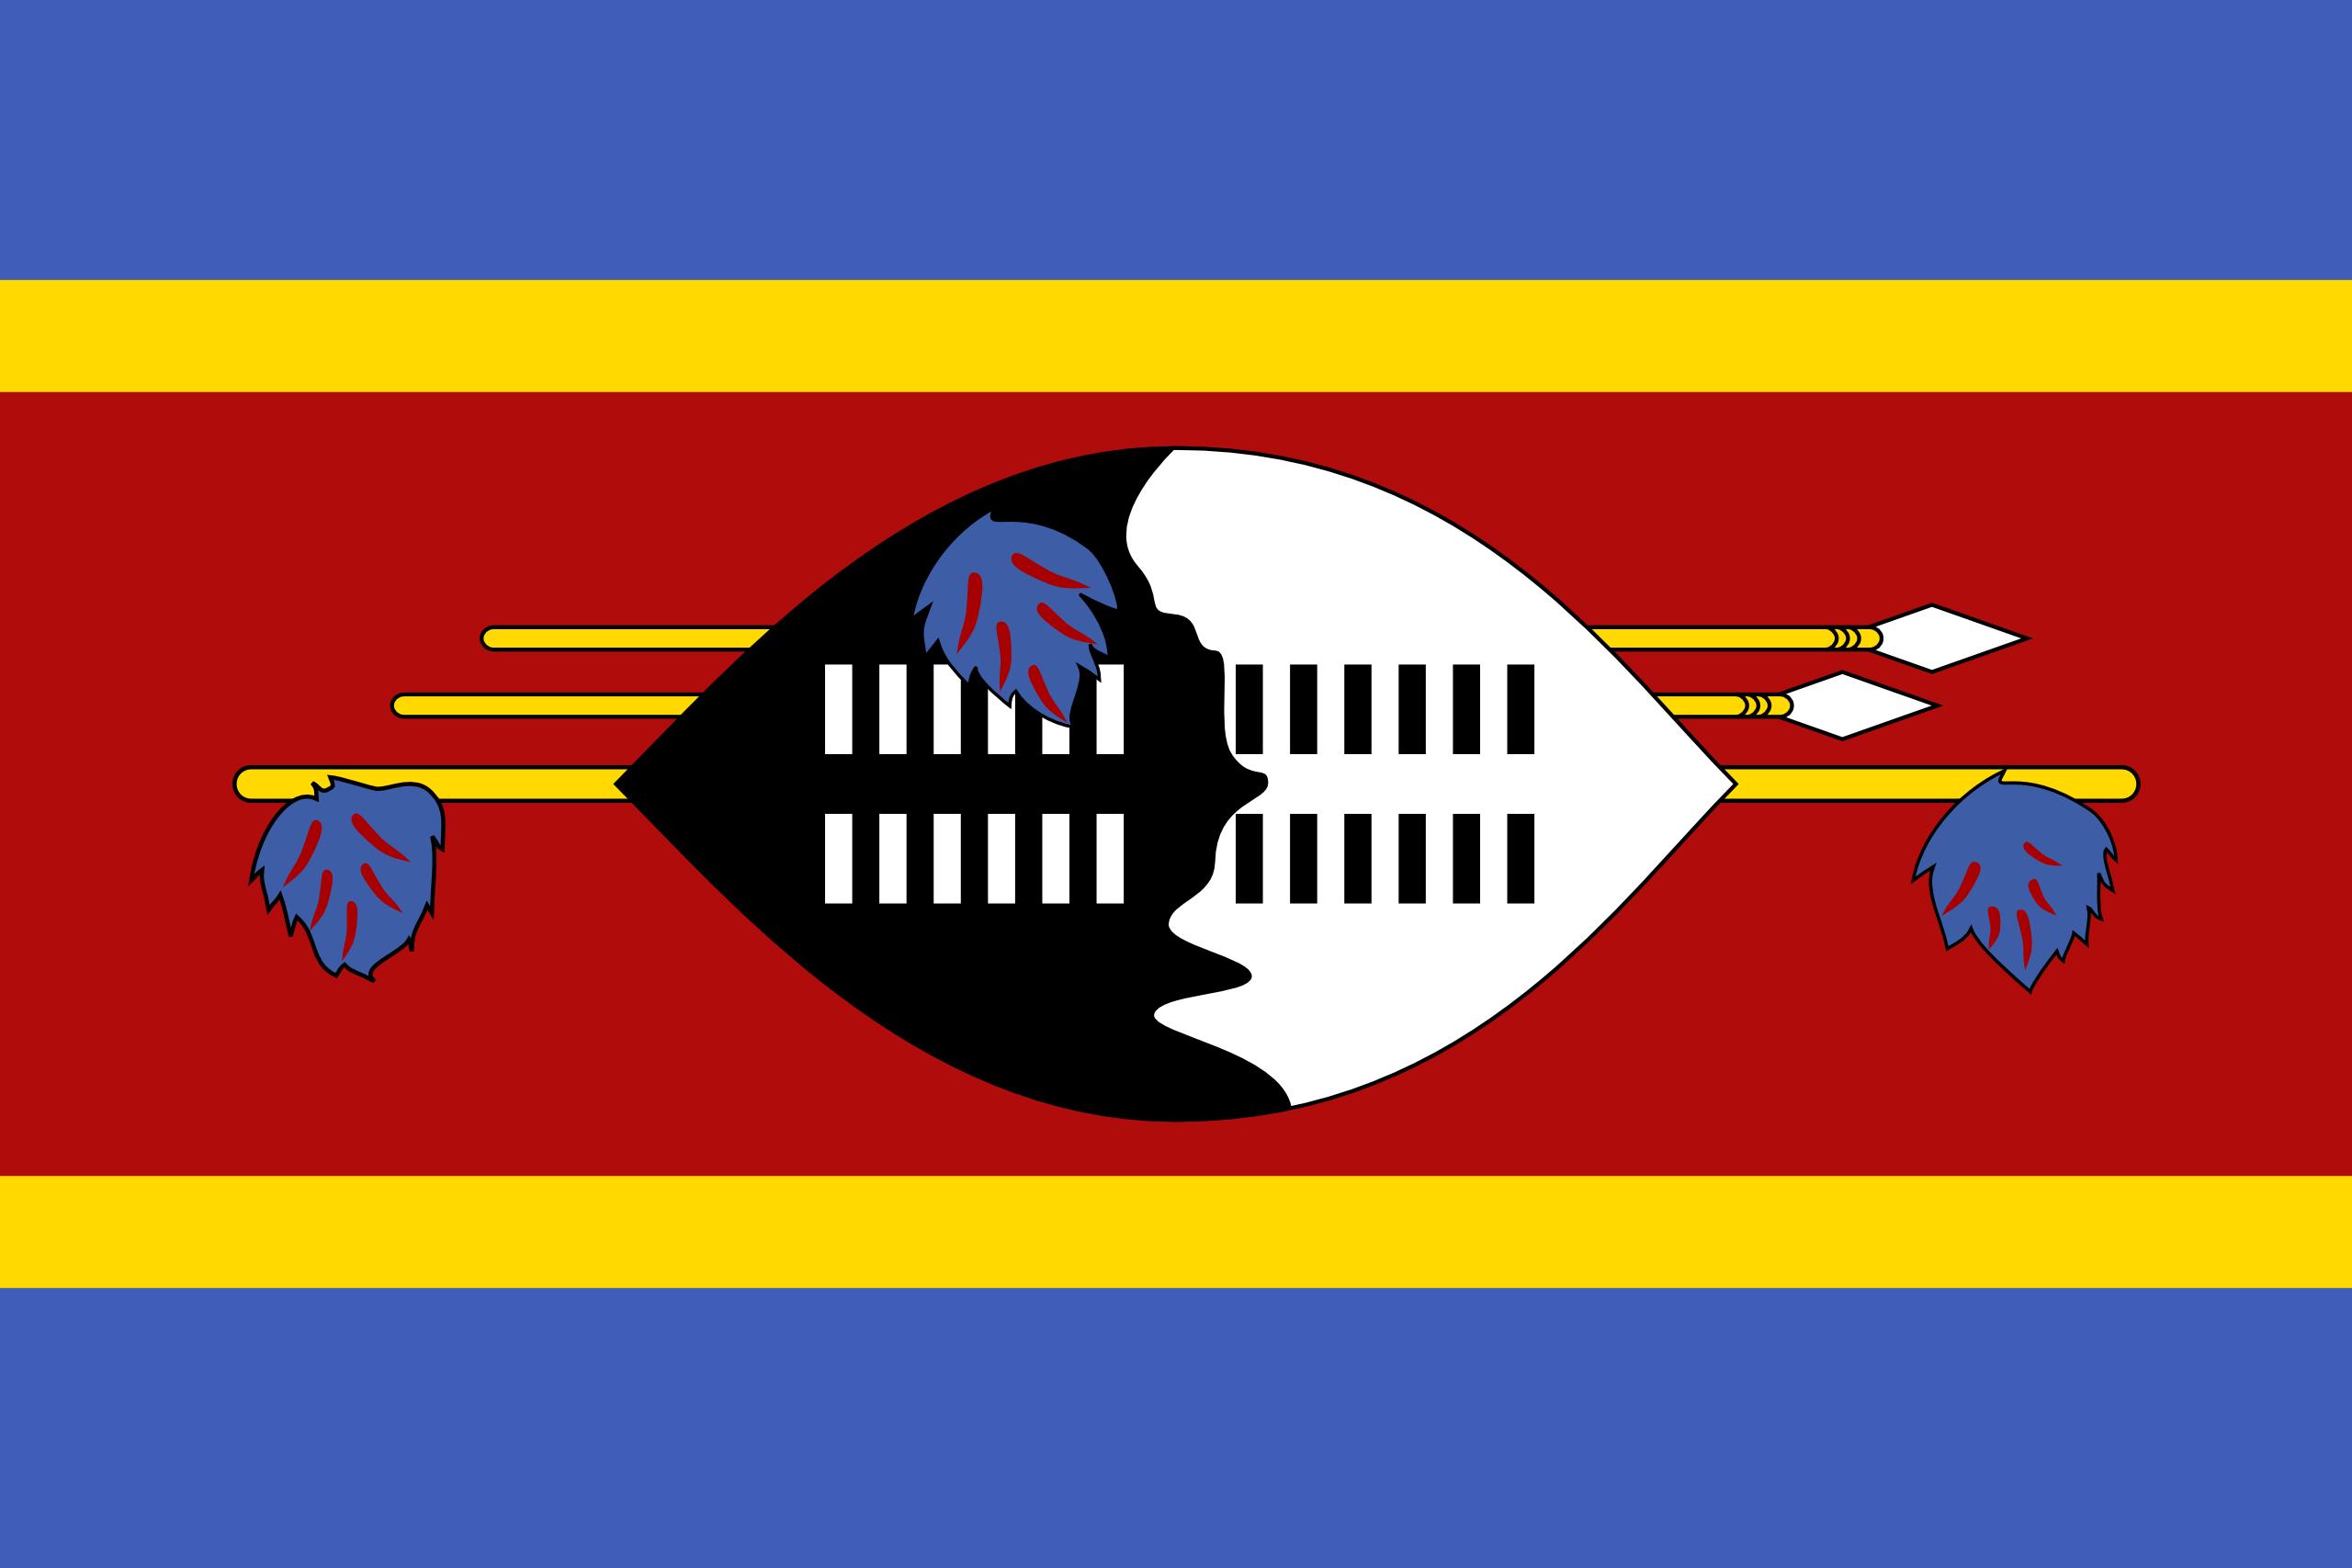 suazilandia, país, emblema, insignia, シンボル - HD の壁紙 - 教授-falken.com